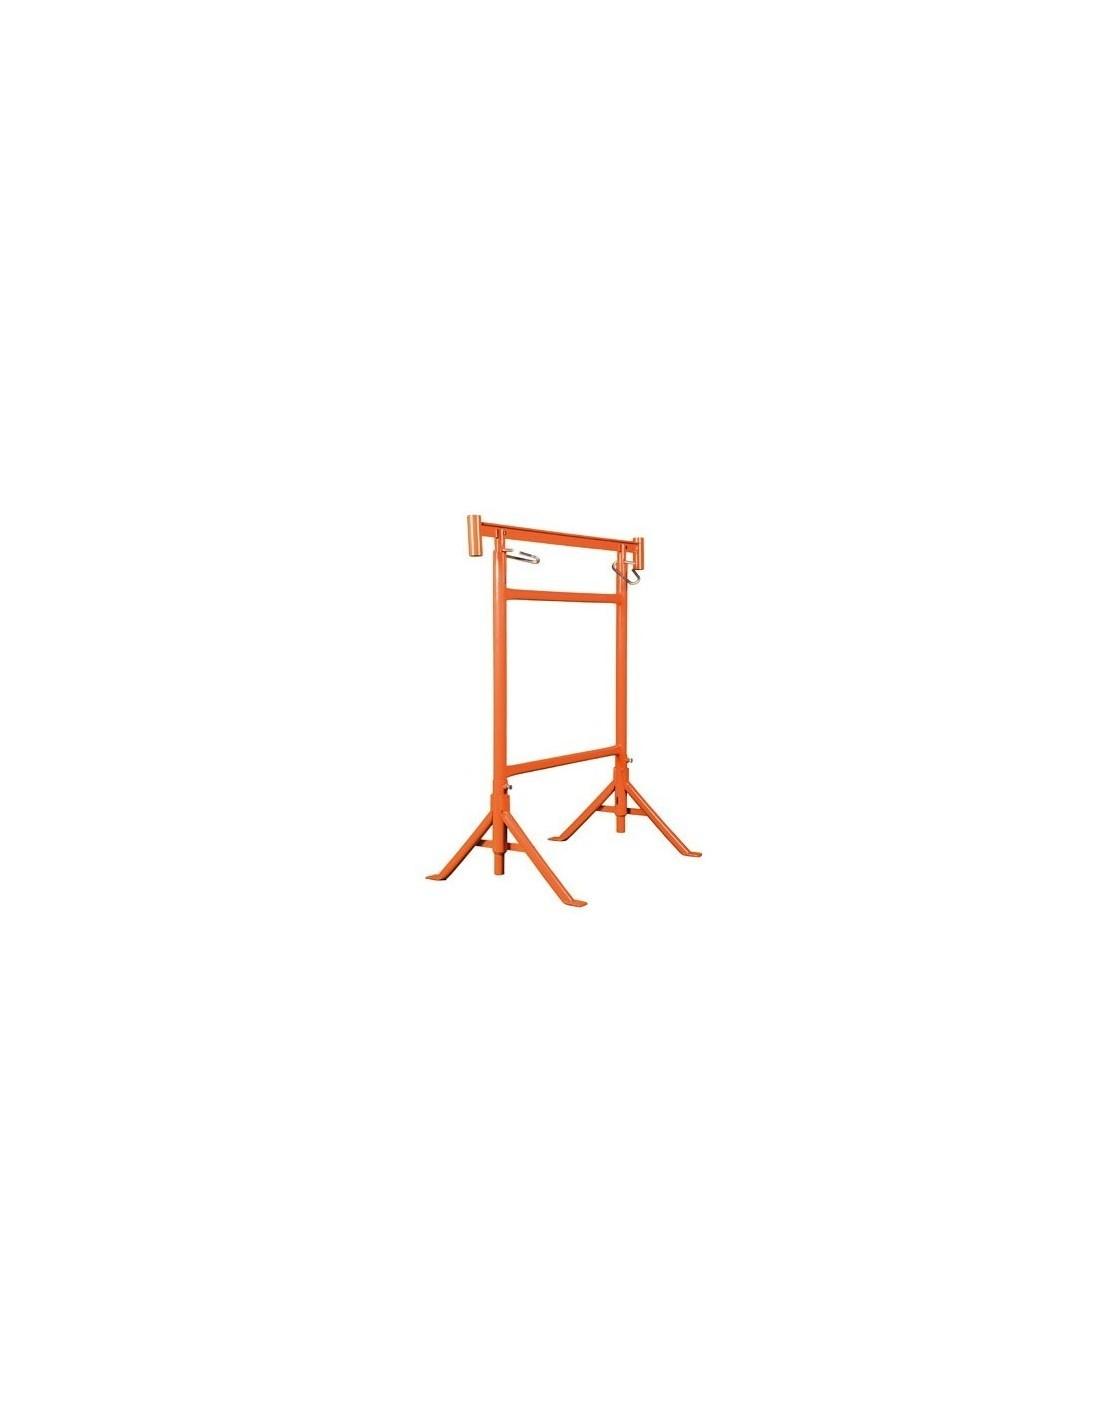 tr teau peint renf 1m20 2m10 d42 pieds r glables. Black Bedroom Furniture Sets. Home Design Ideas